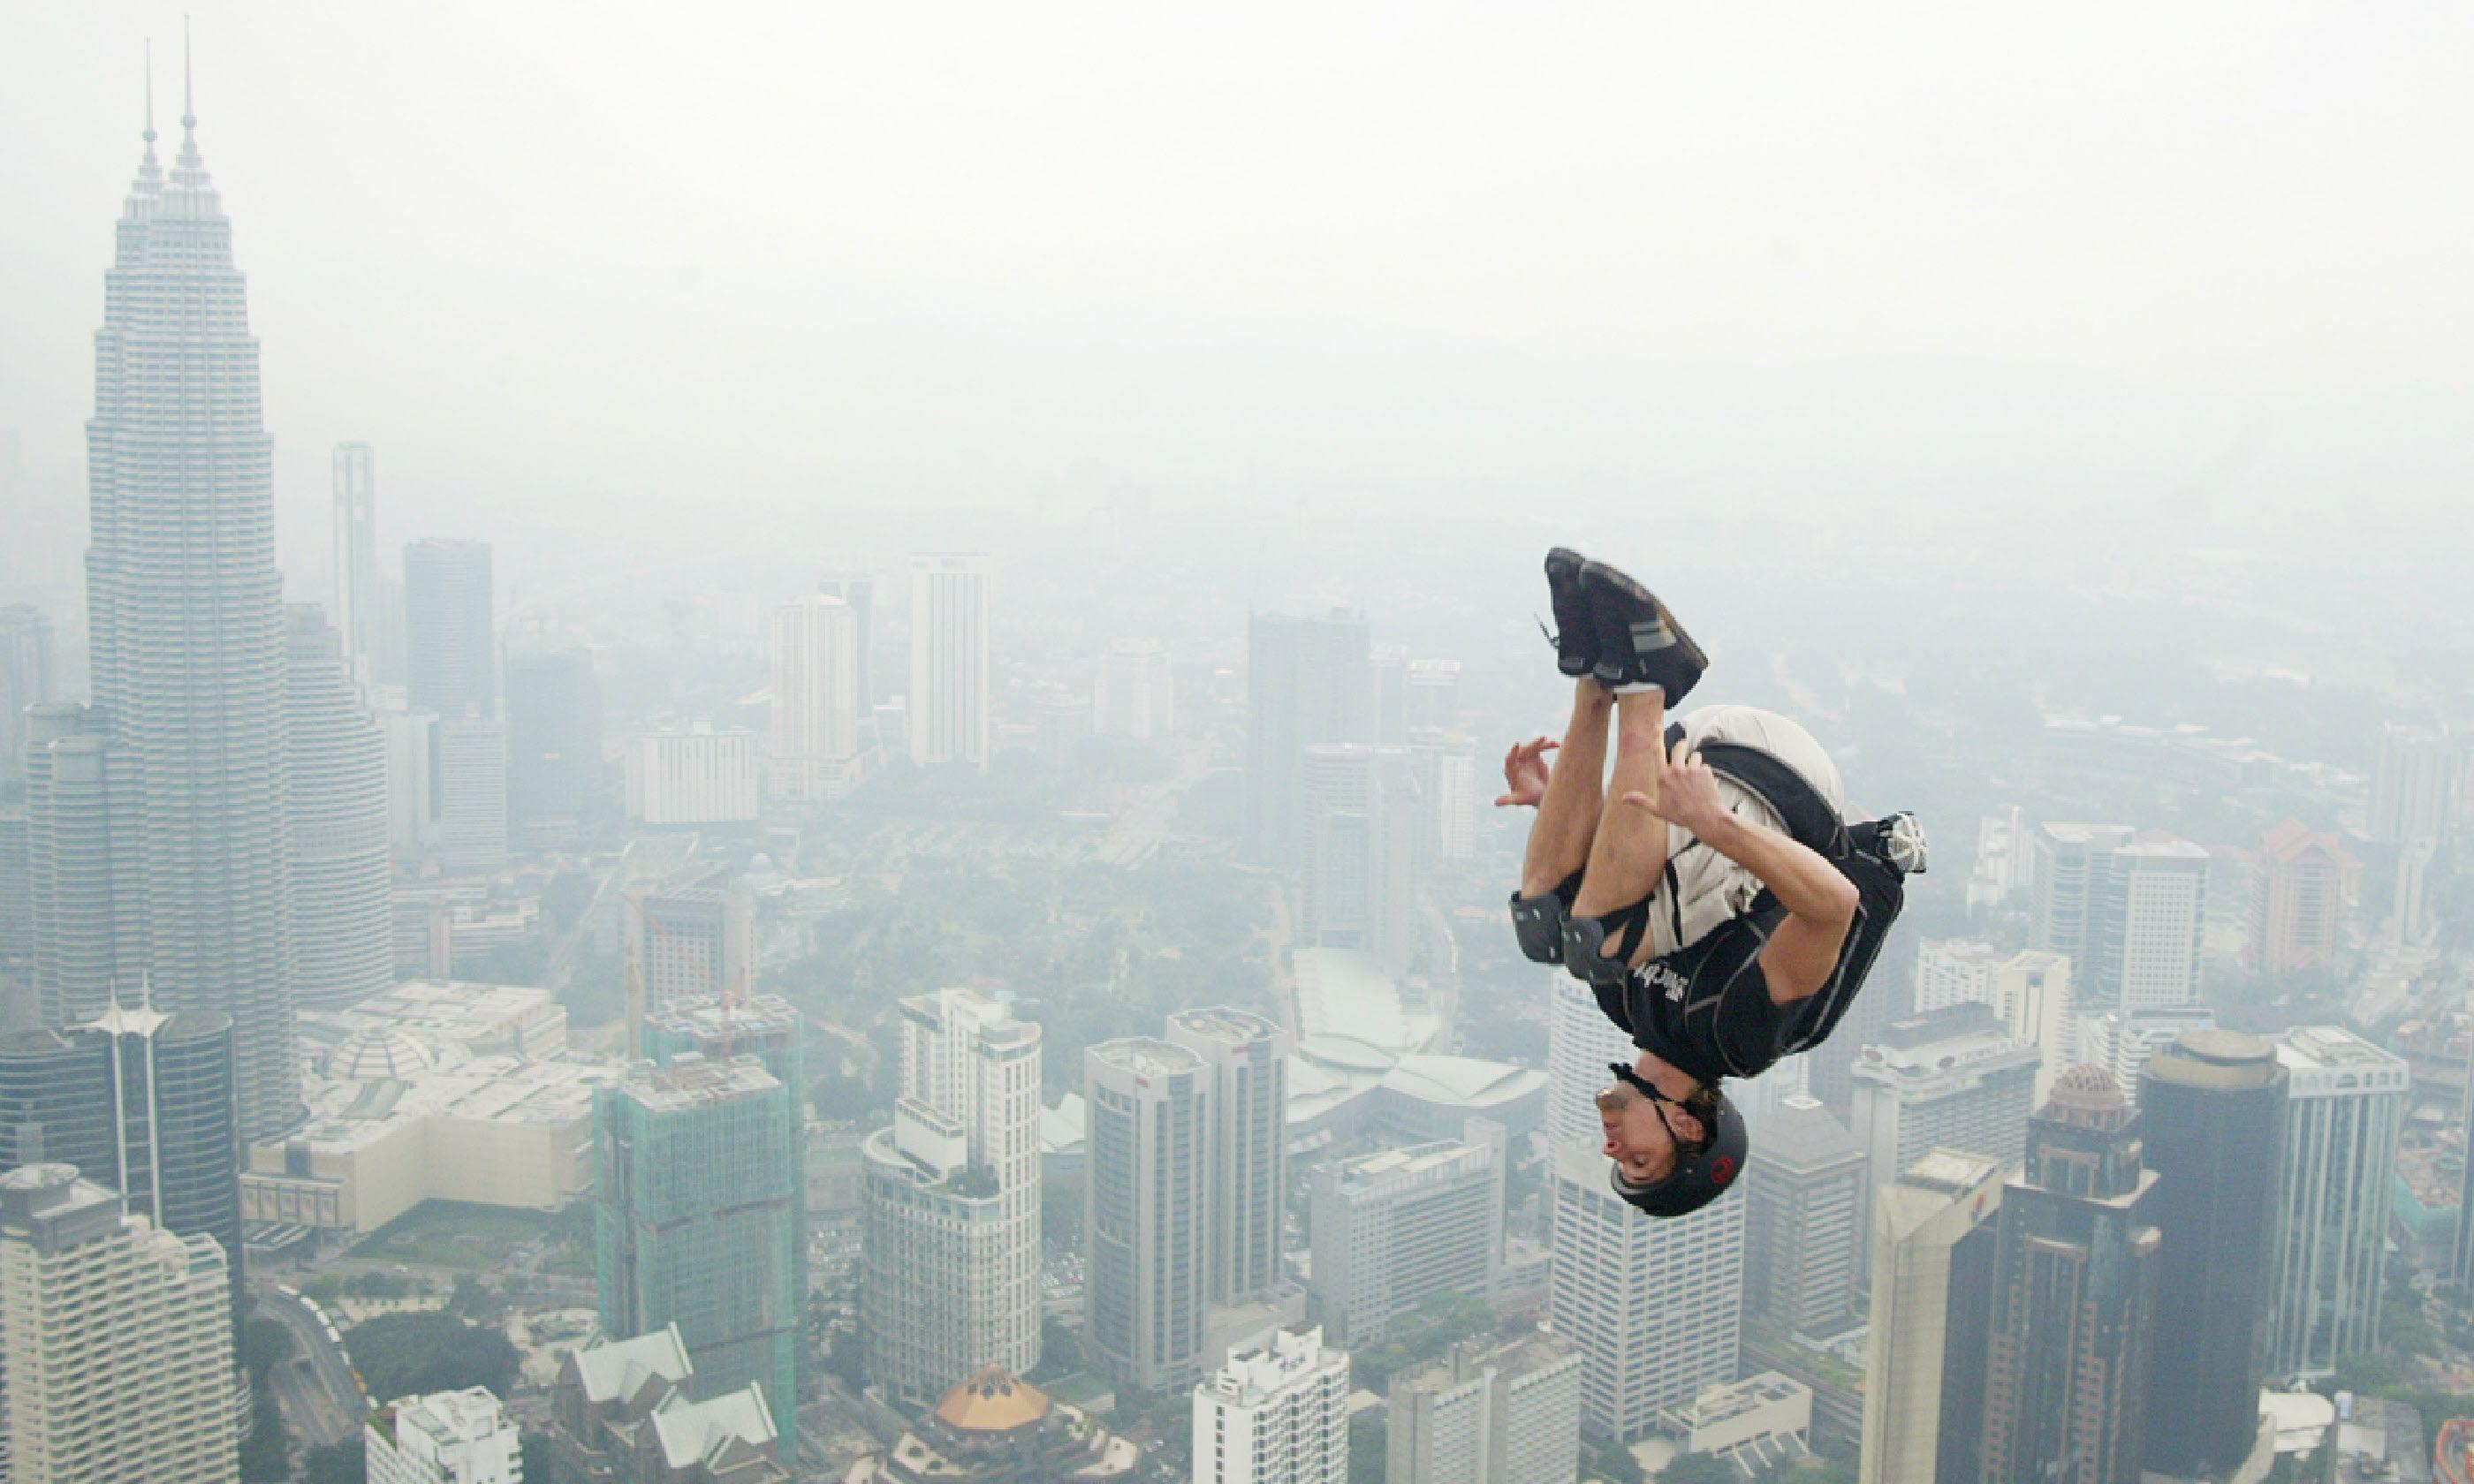 Base jump (Shutterstock)